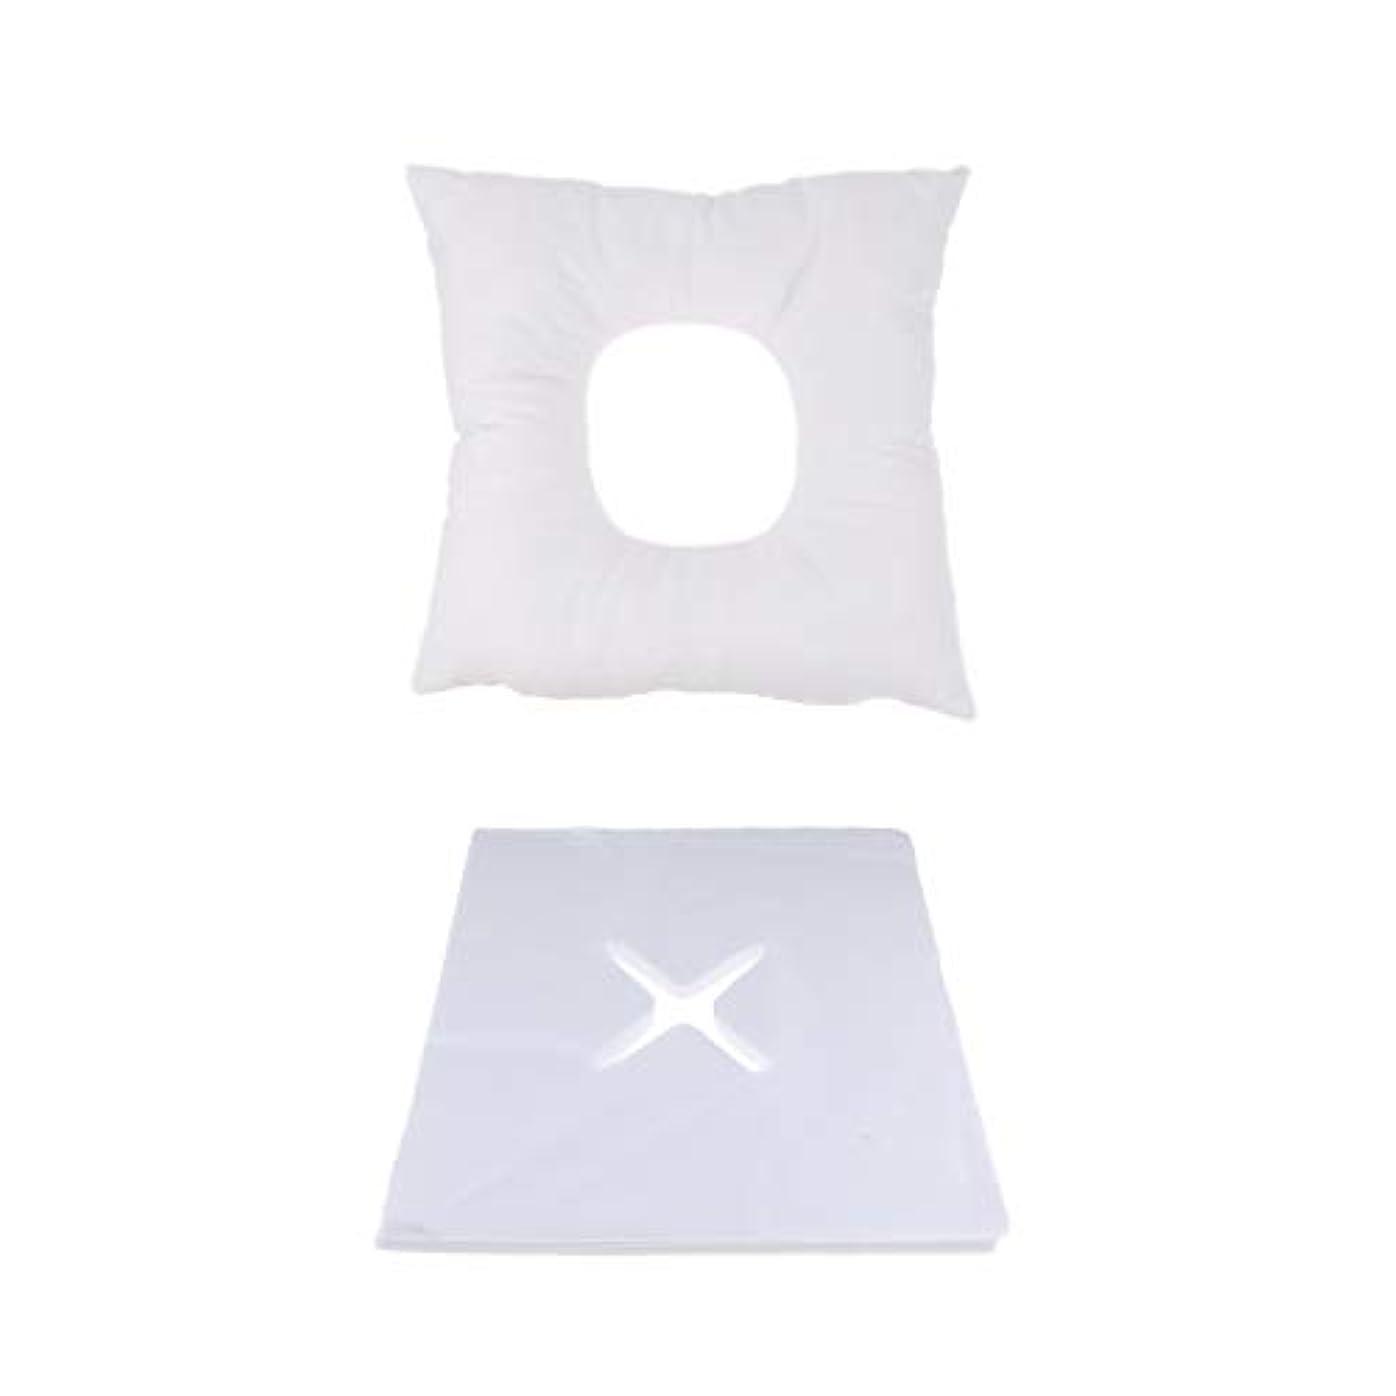 チャップ静けさ揮発性P Prettyia マッサージ用クッション マッサージ枕 顔枕 フェイスマット 200個使い捨てピローカバー付 快適